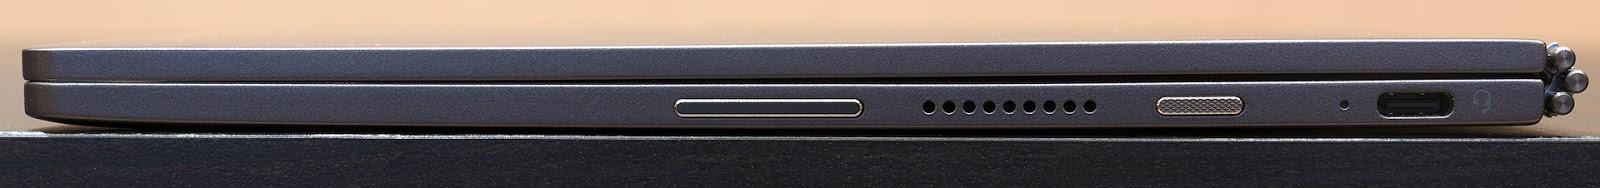 Lenovo YogaBook C930: устройство, которое заменяет сразу четыре гаджета - 6